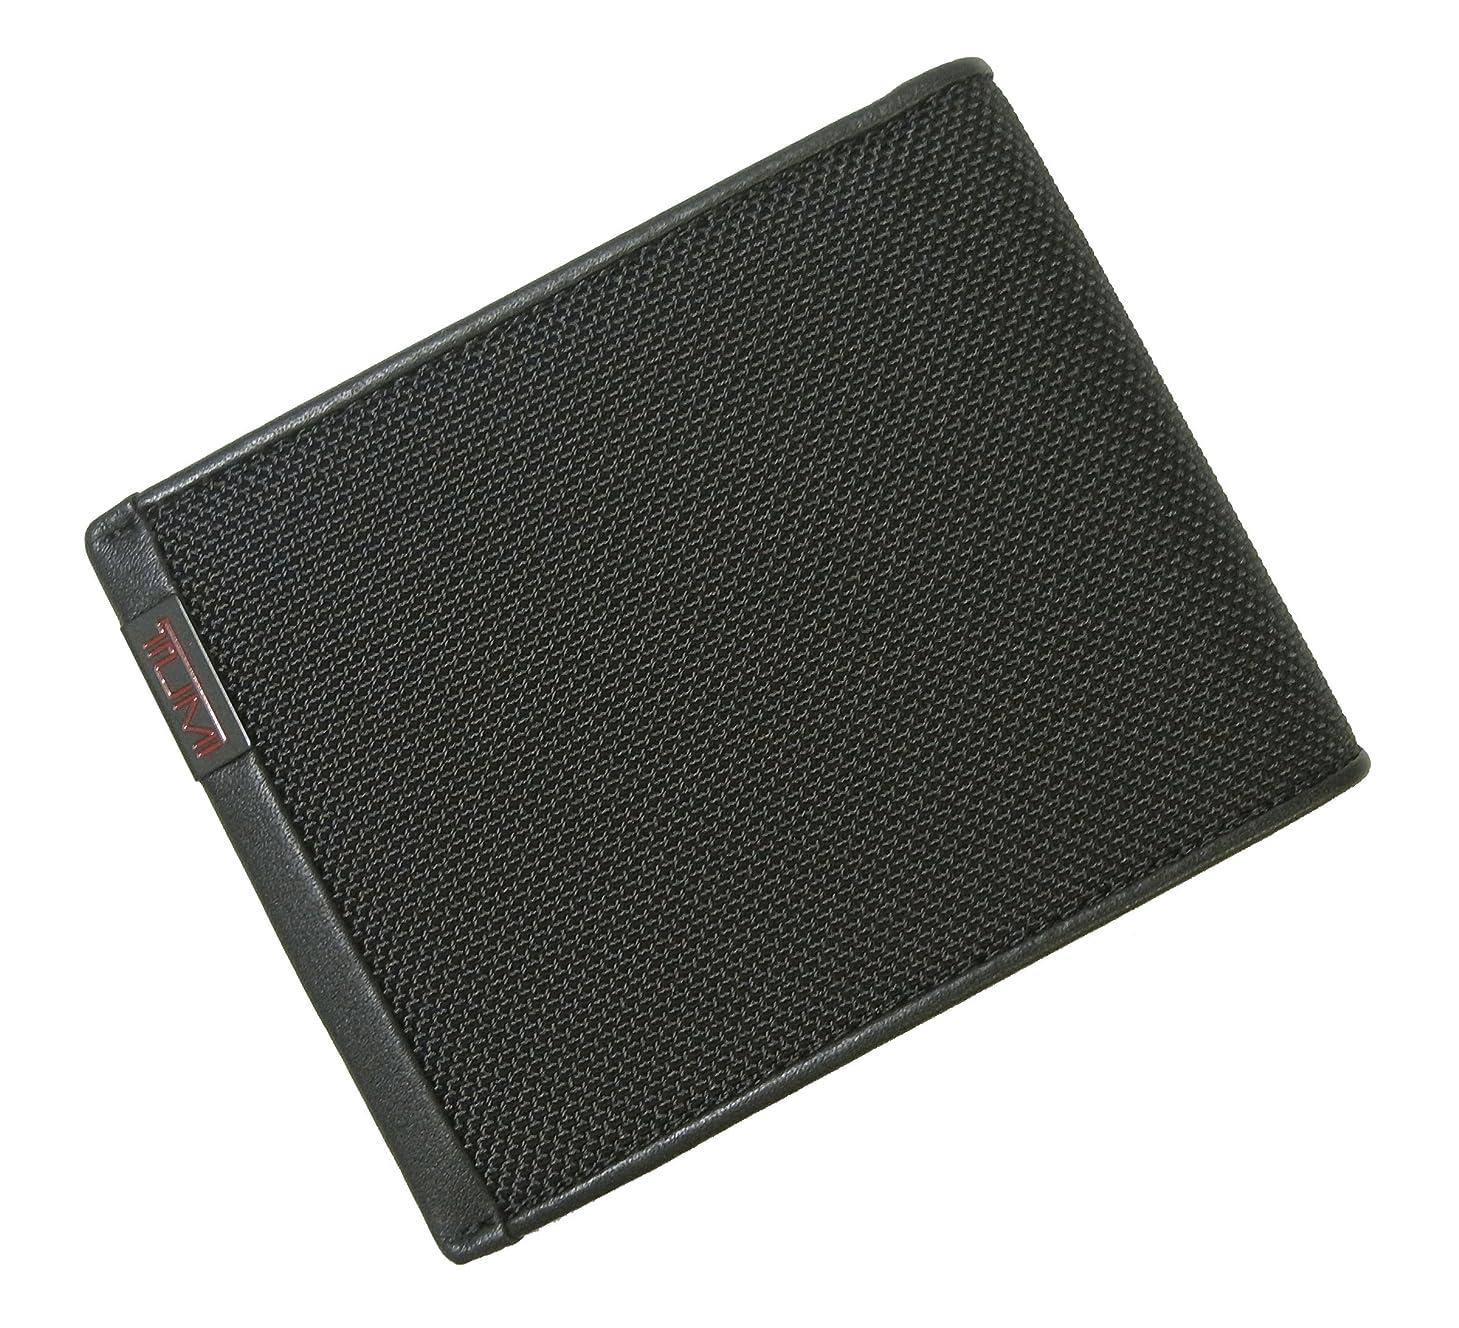 遠足建築内向き[トゥミ] 財布 メンズ ALPHA 二つ折り(ブラック)バリスティックナイロン TM-325 [並行輸入品]